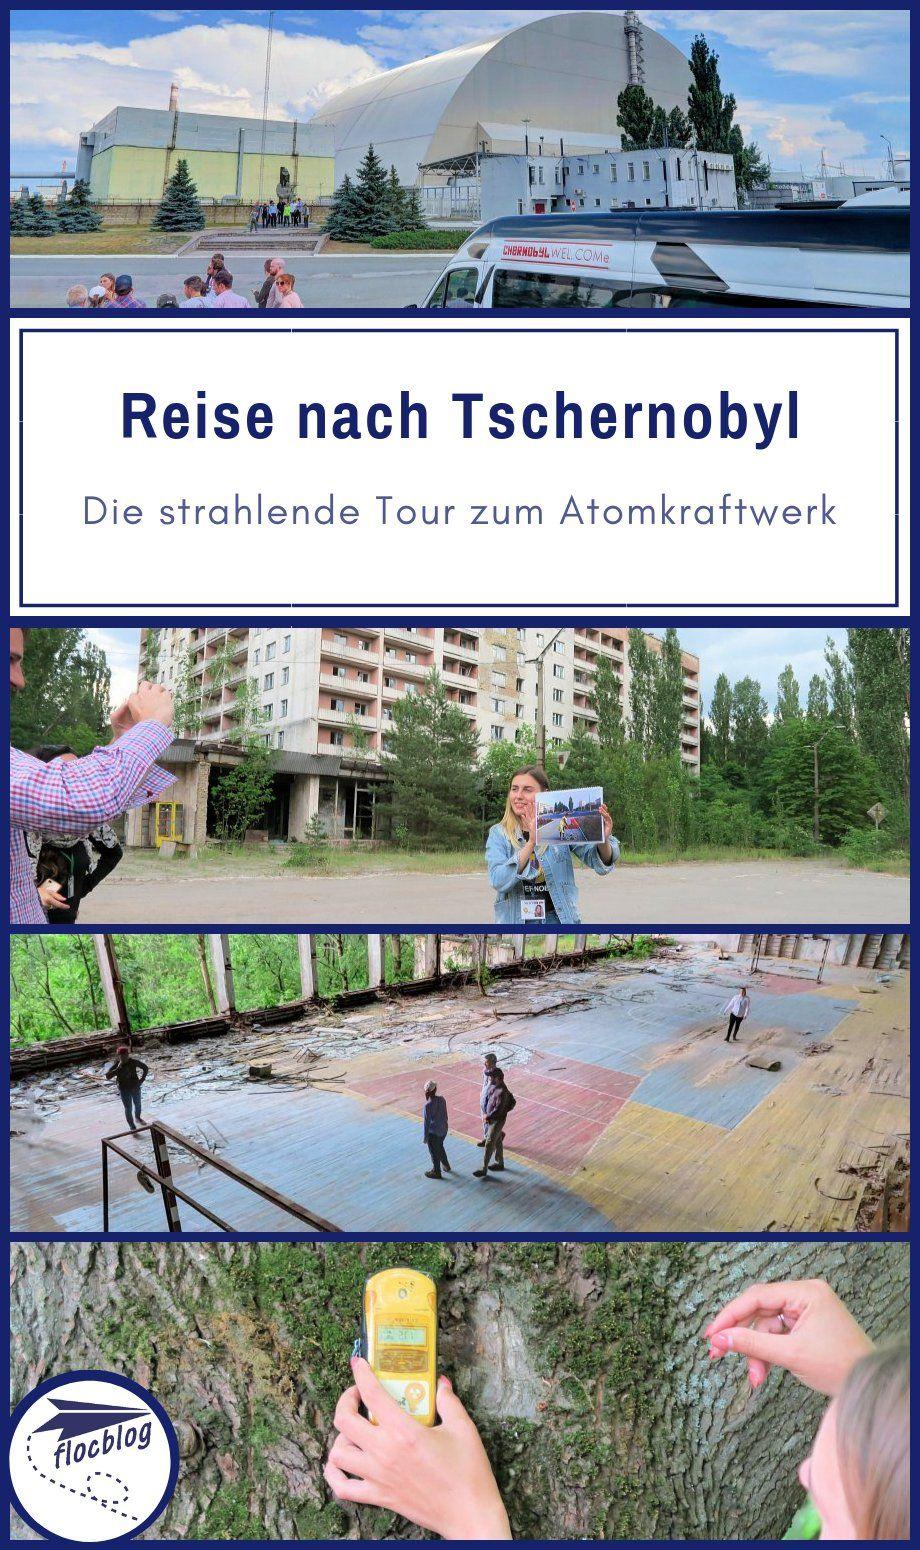 Reise Nach Tschernobyl Die Strahlende Tour Zum Atomkraftwerk